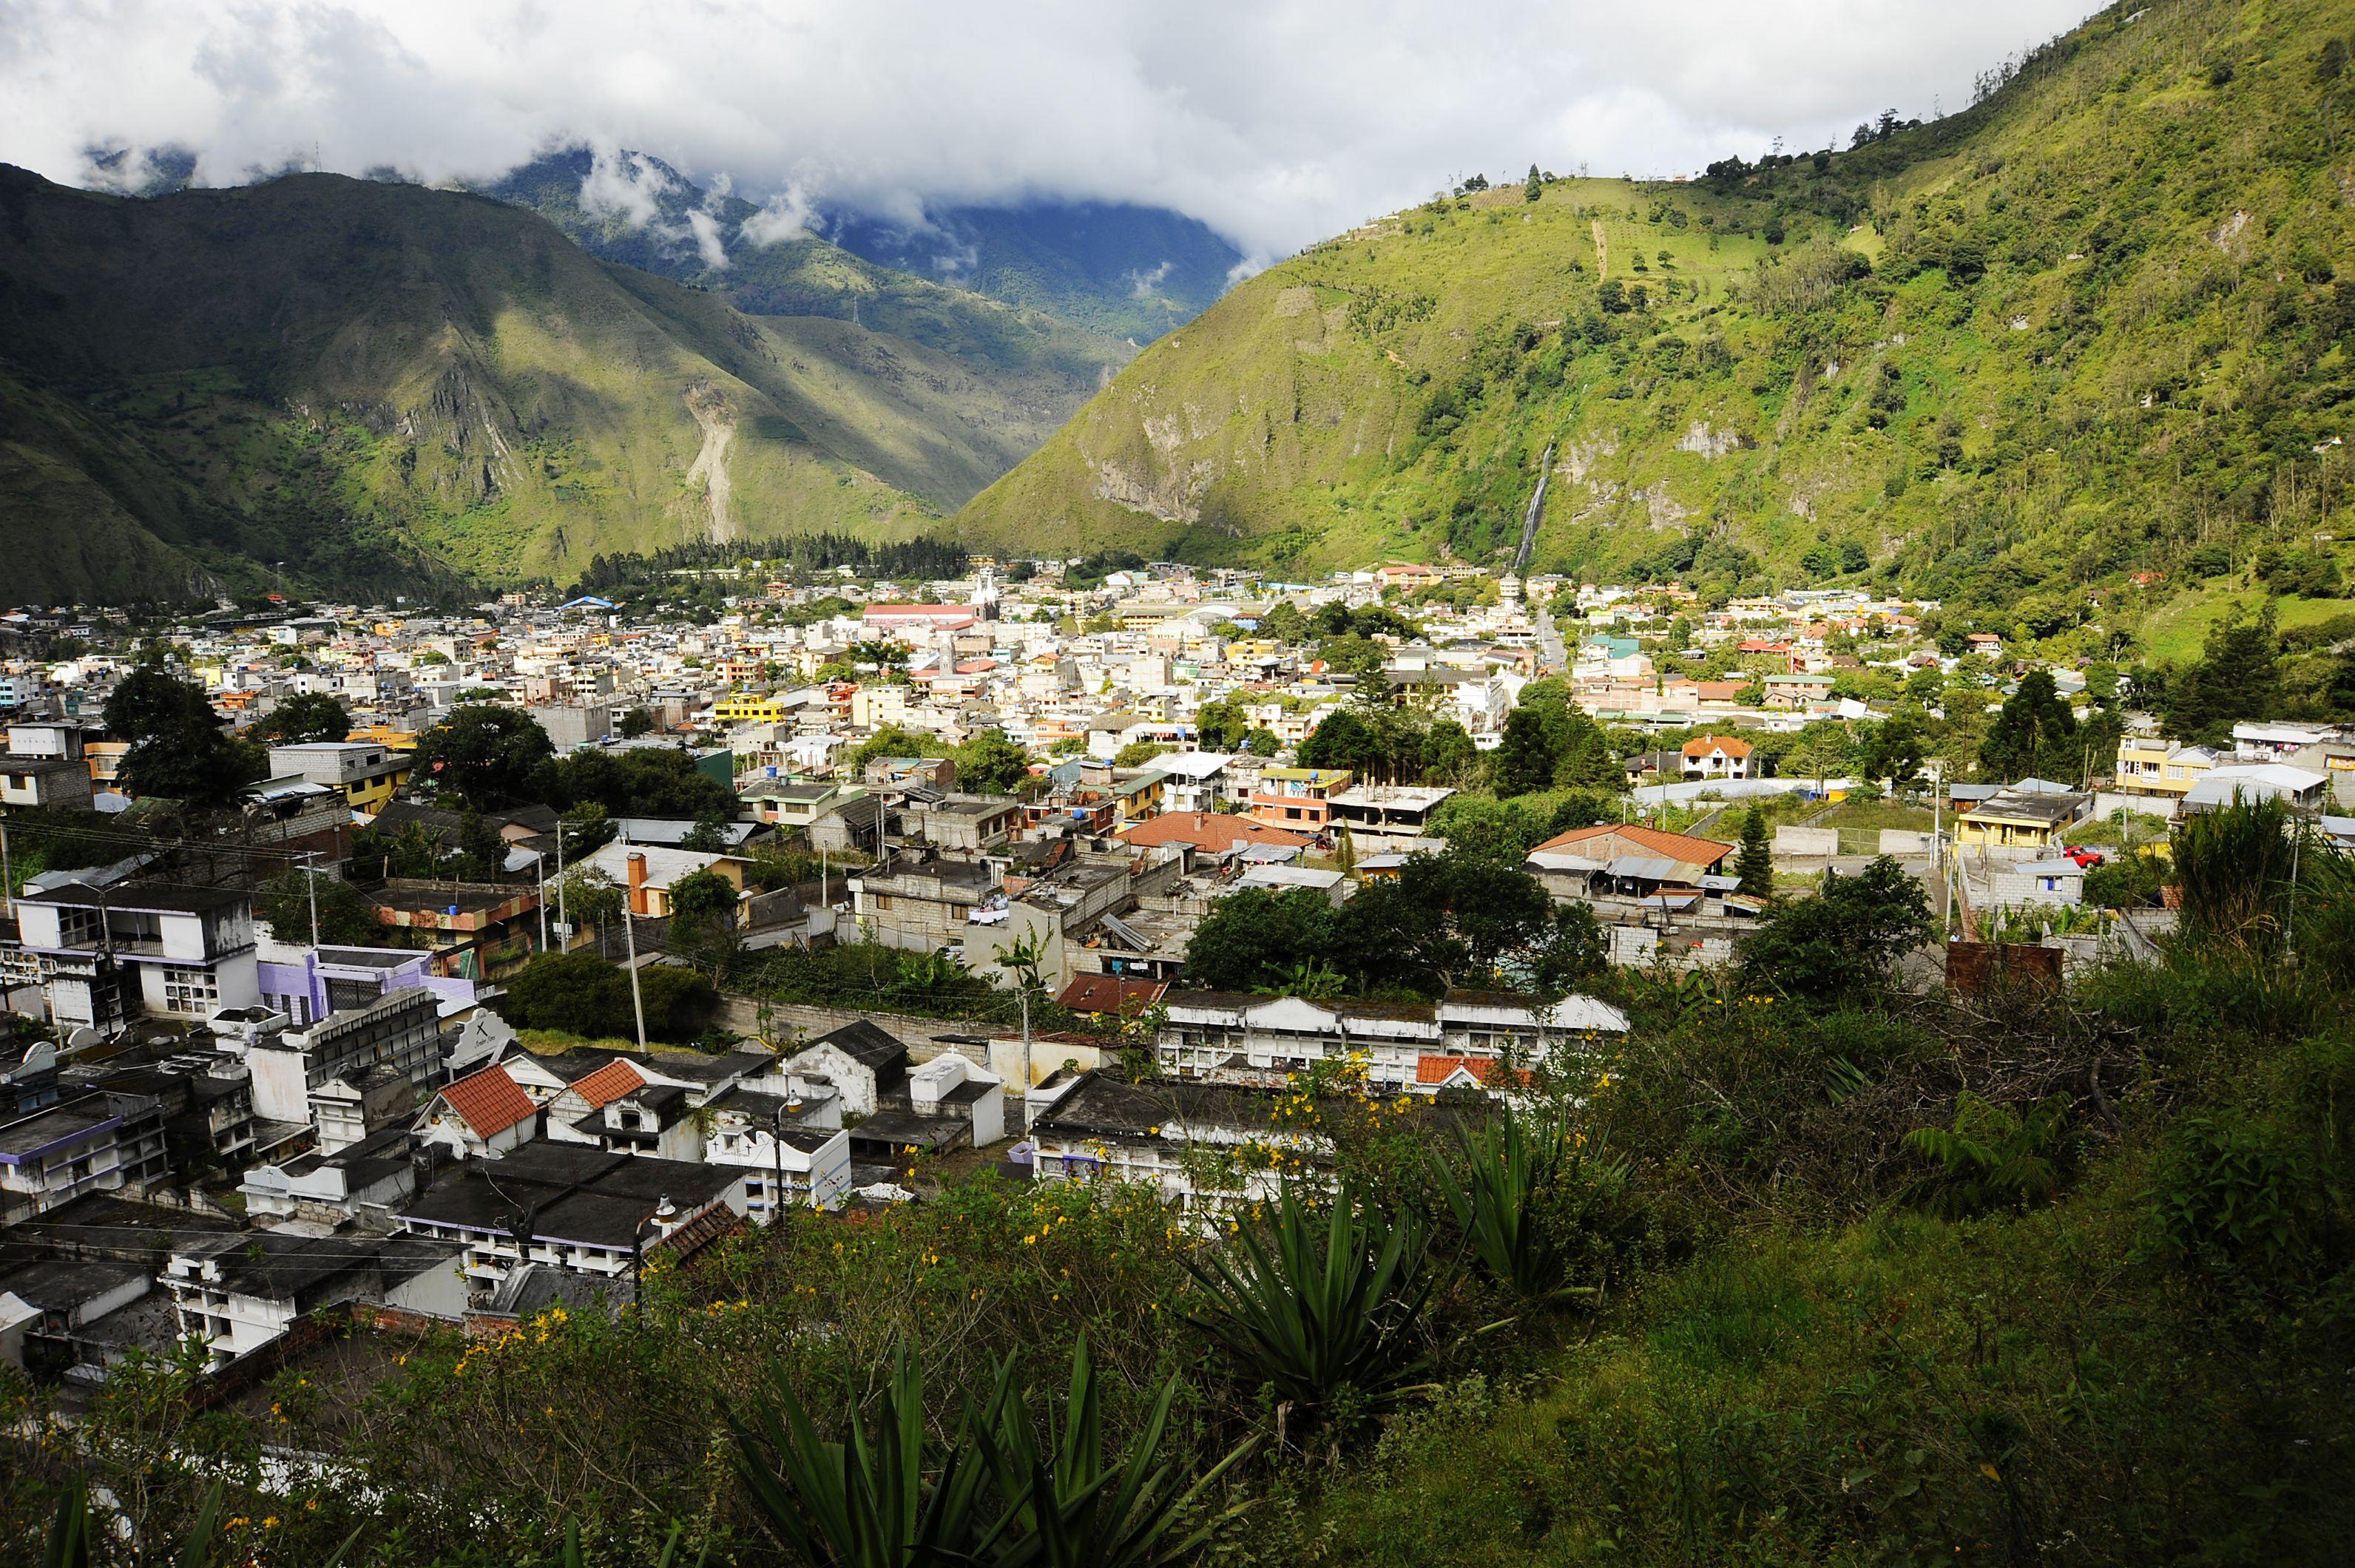 Estribaciones alrededor de Baños, Ecuador